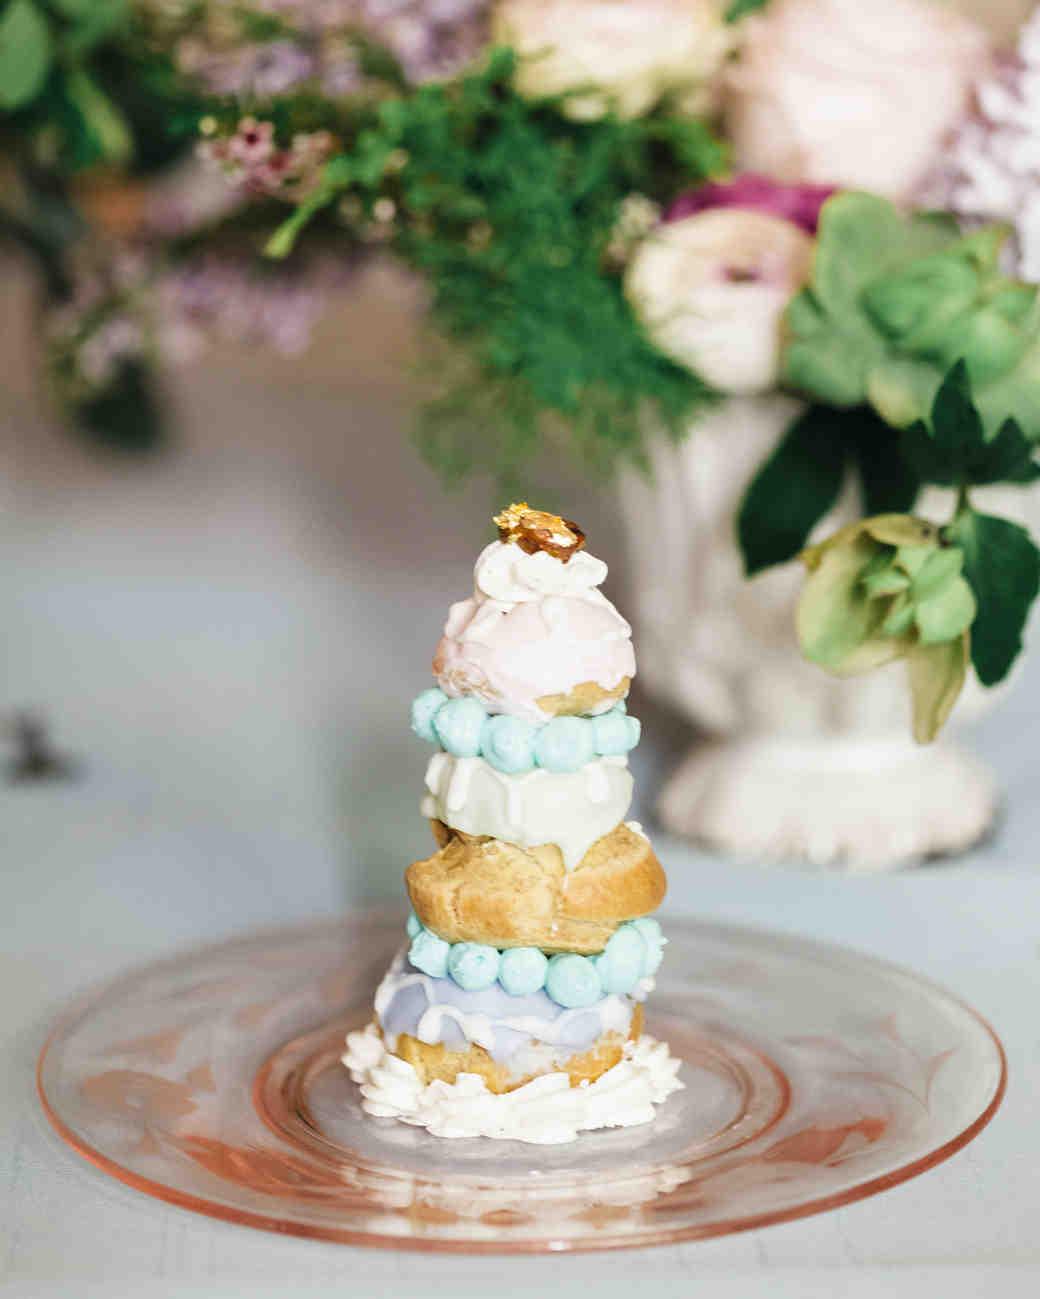 margo-me-bridal-shower-dessert-7258-s112194-0515.jpg